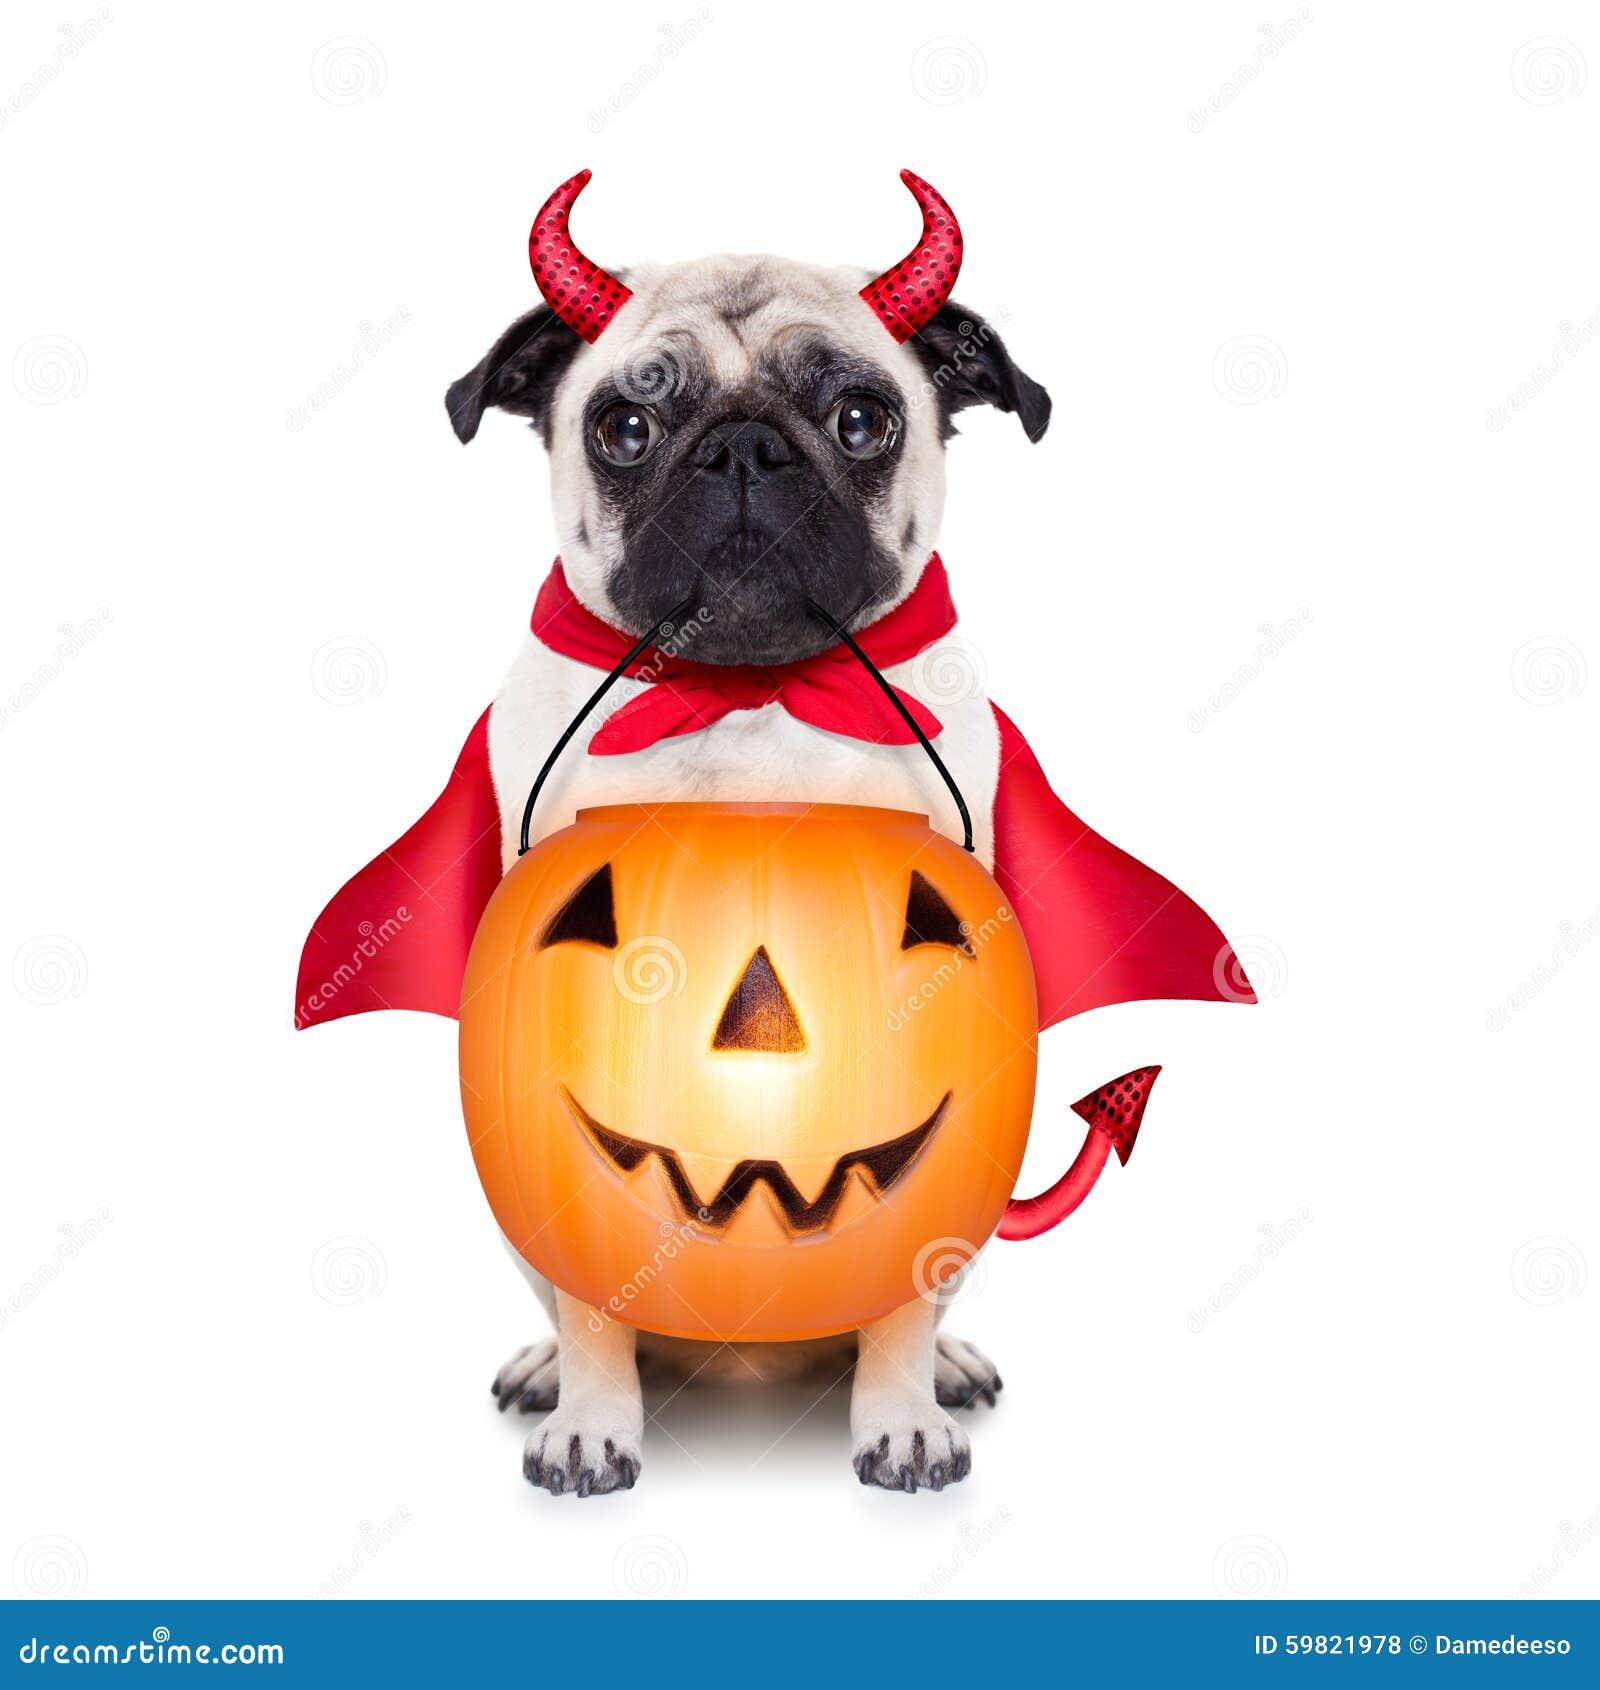 trick or treat dog stock photo image 59821978 sleeping dog clipart black and white Cartoon Sleeping Dog